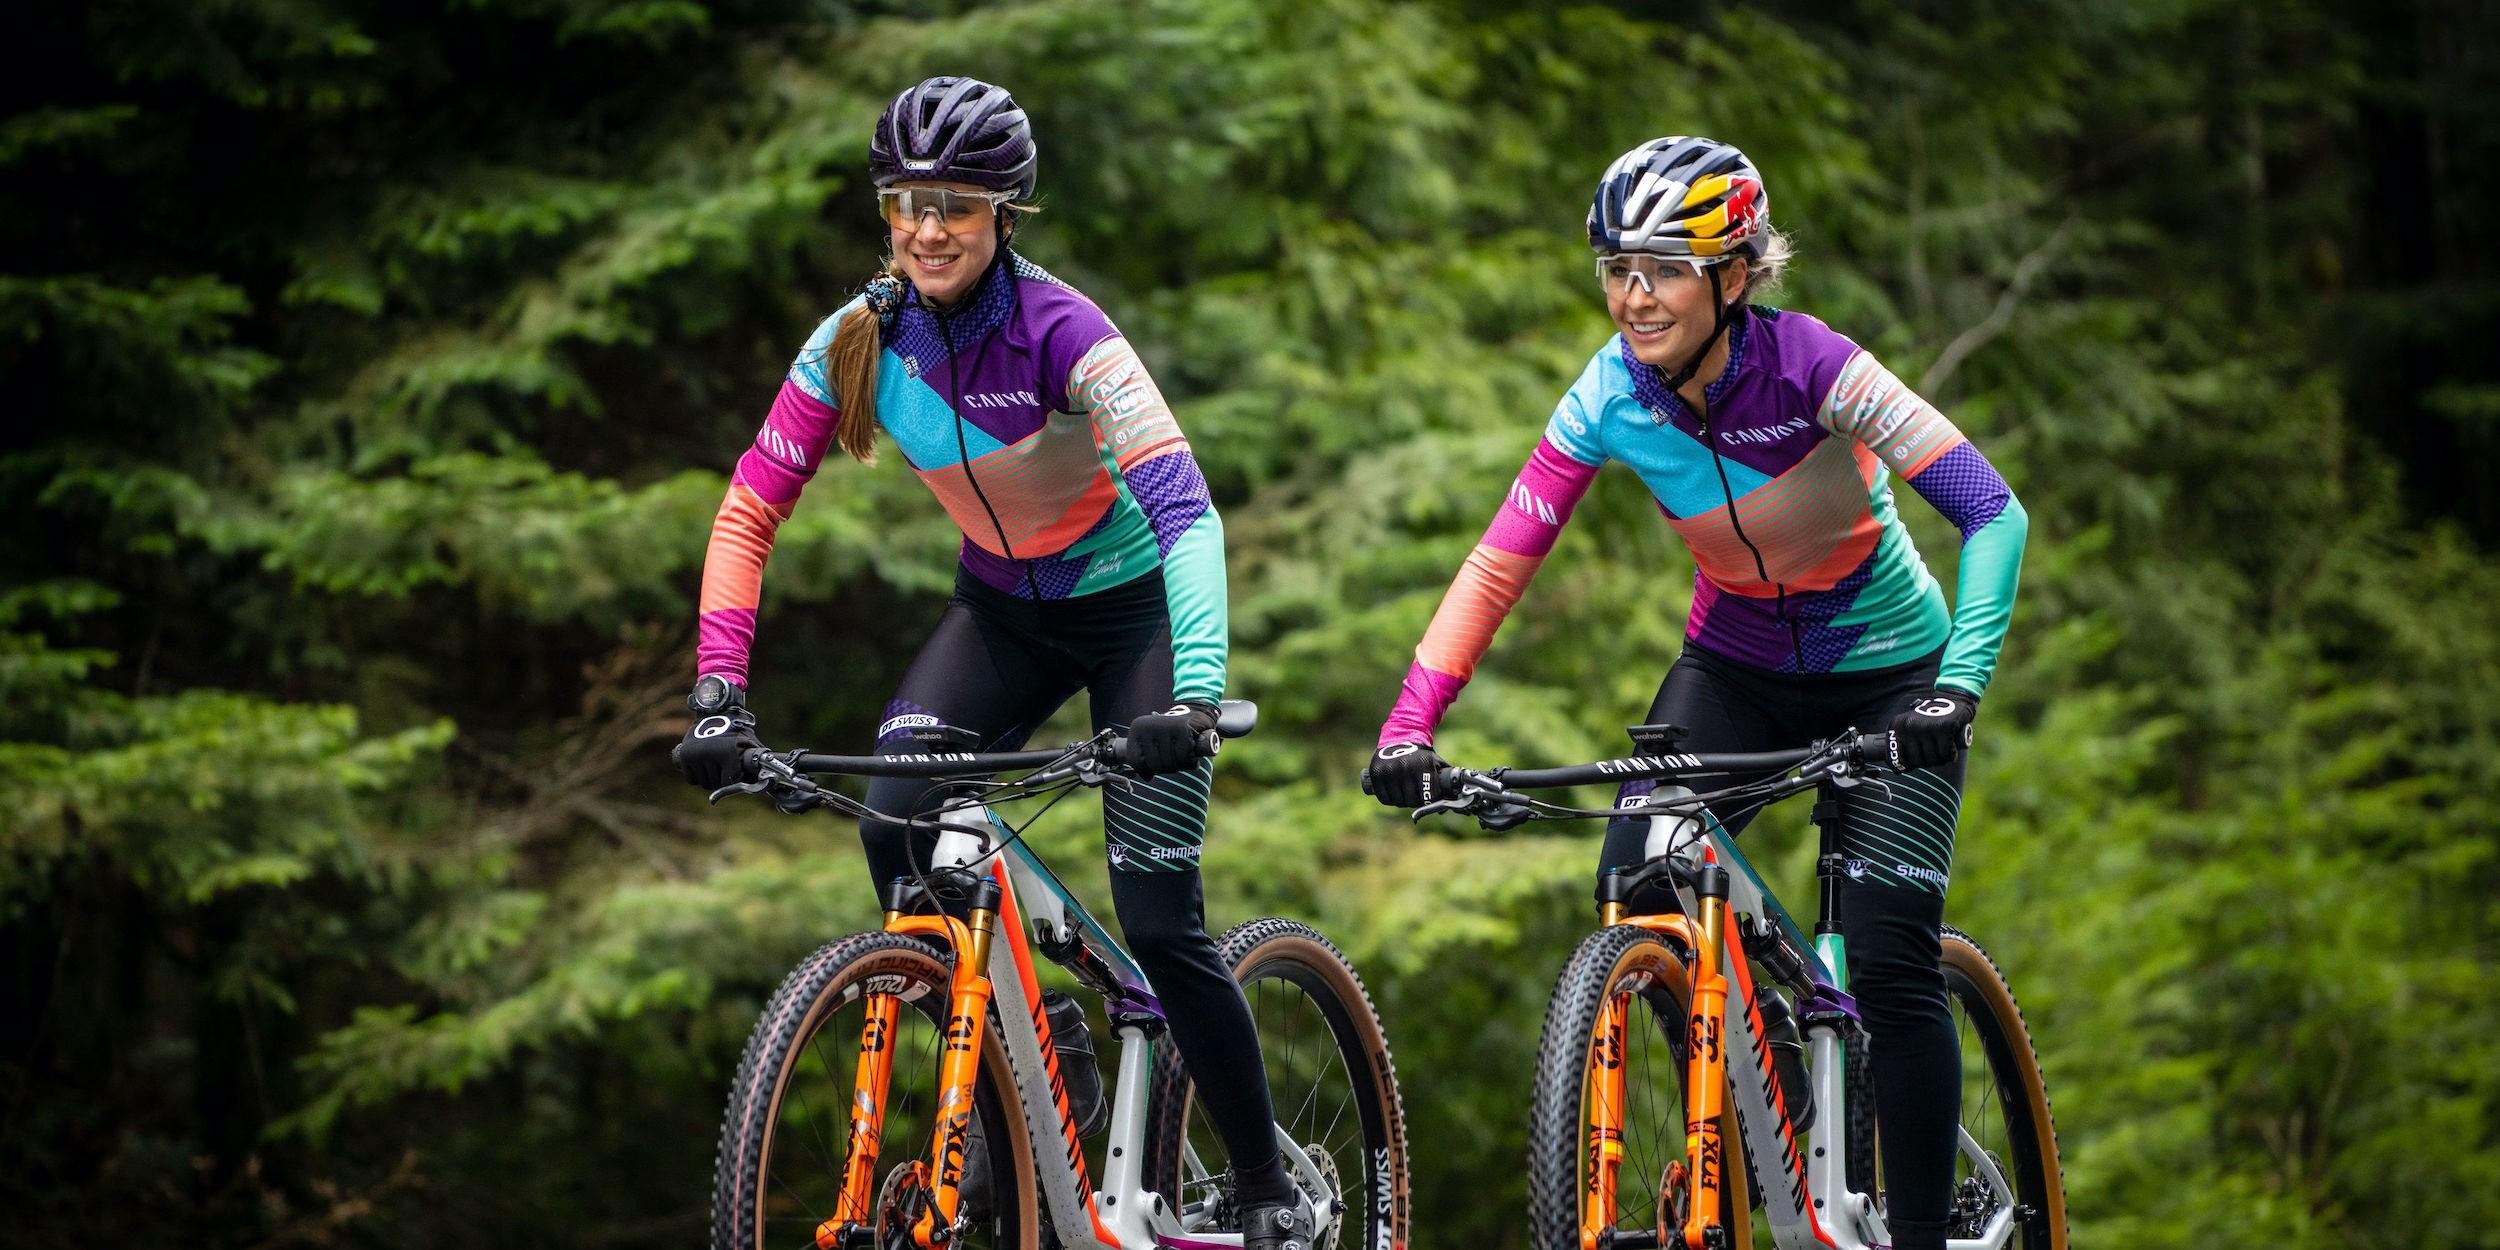 Abus Custom Helme für Emily Batty & Laurie Arseneault